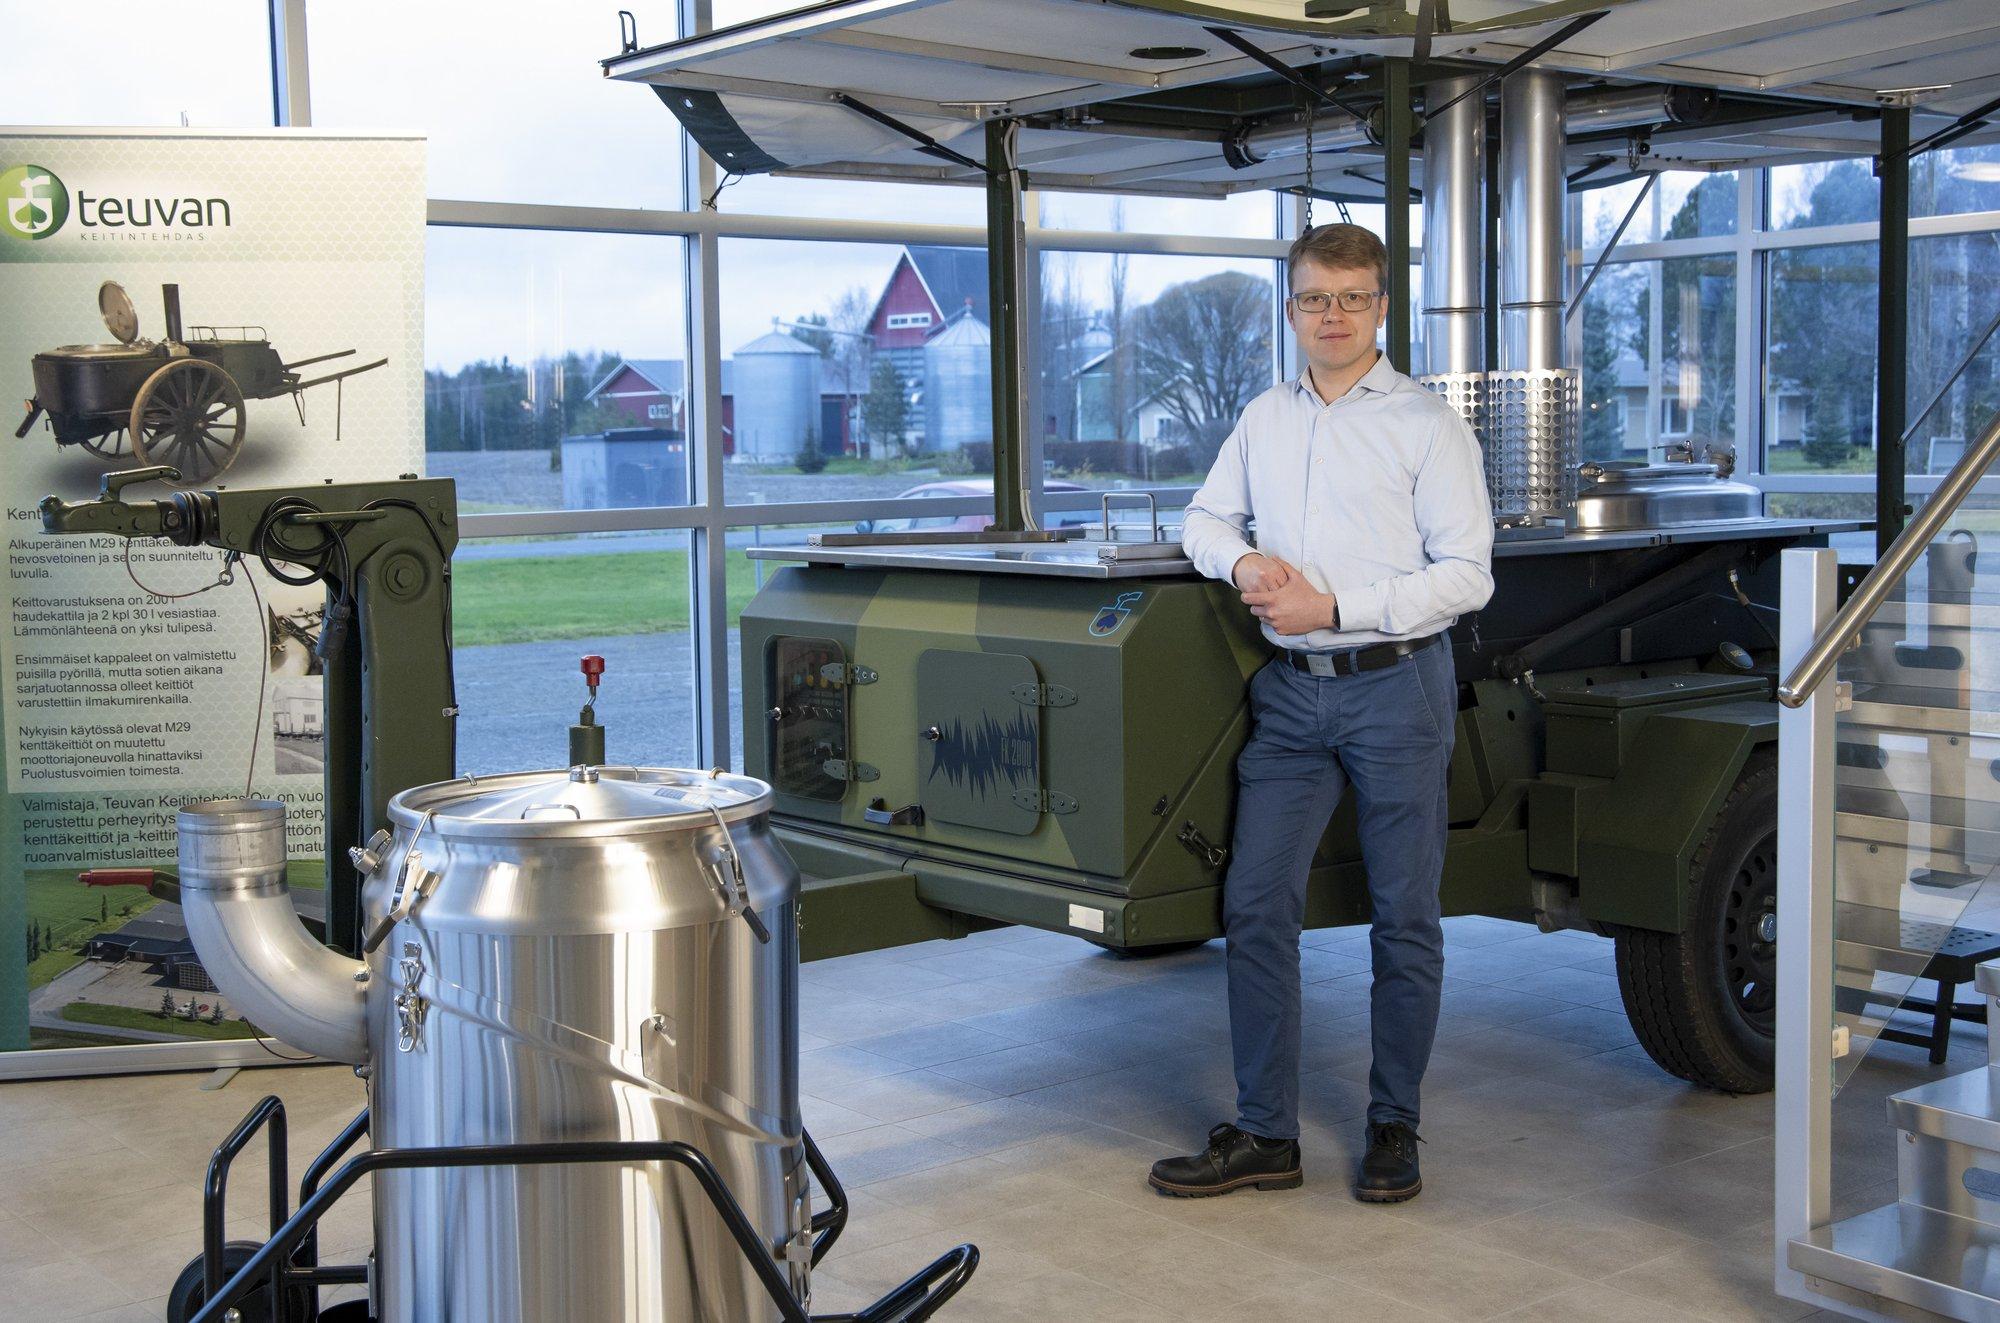 Teuvan Keitintehtaan toimitusjohtaja Henri Penttilä seisoo yhden kenttäkeittiöistä vierellä.